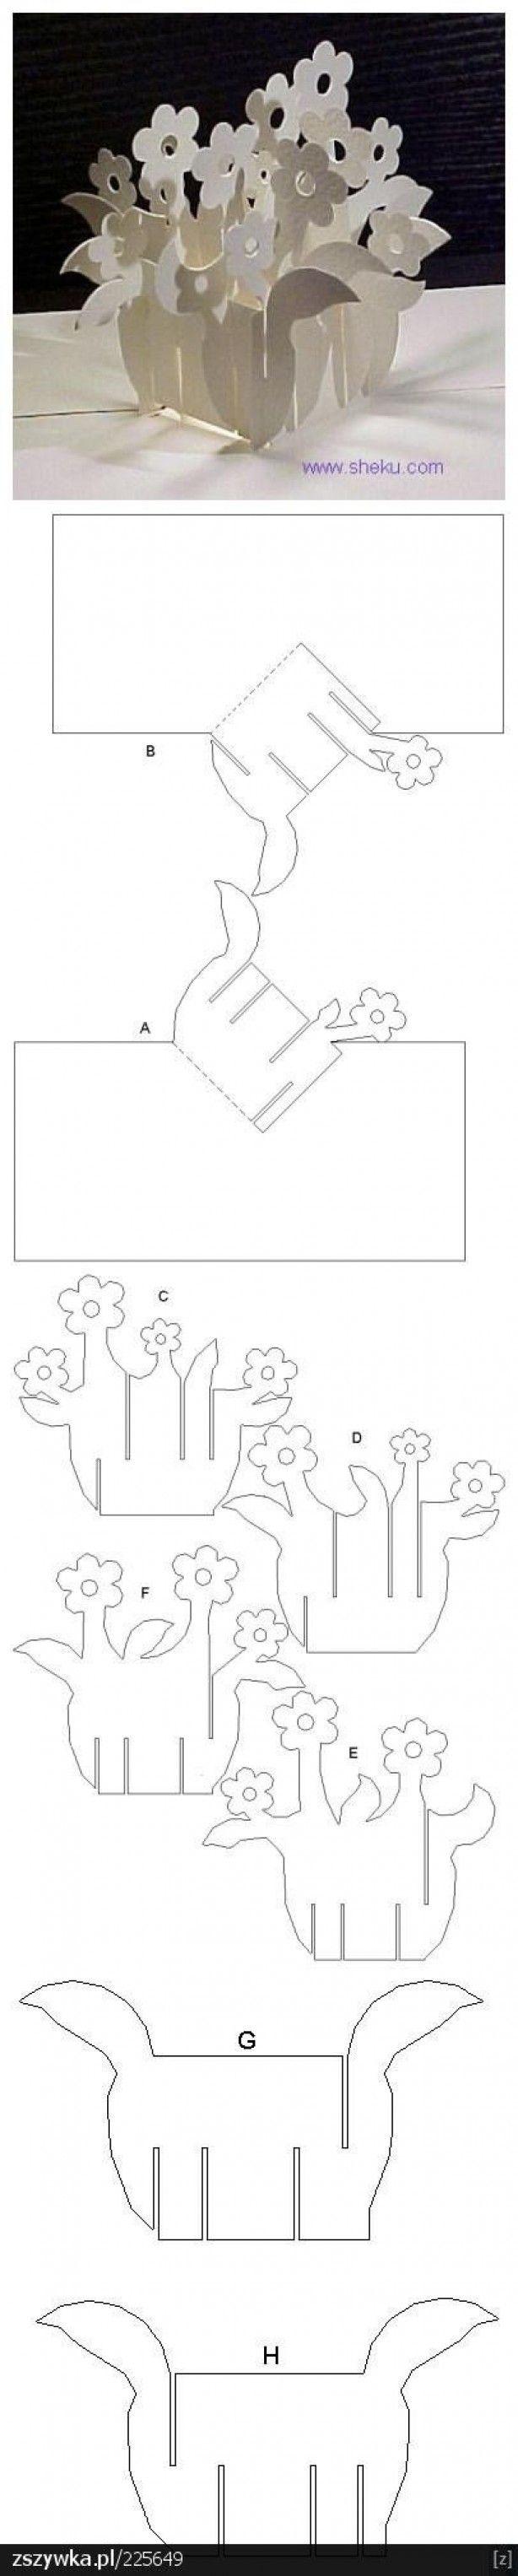 alternatief voor bloemetje op tafel